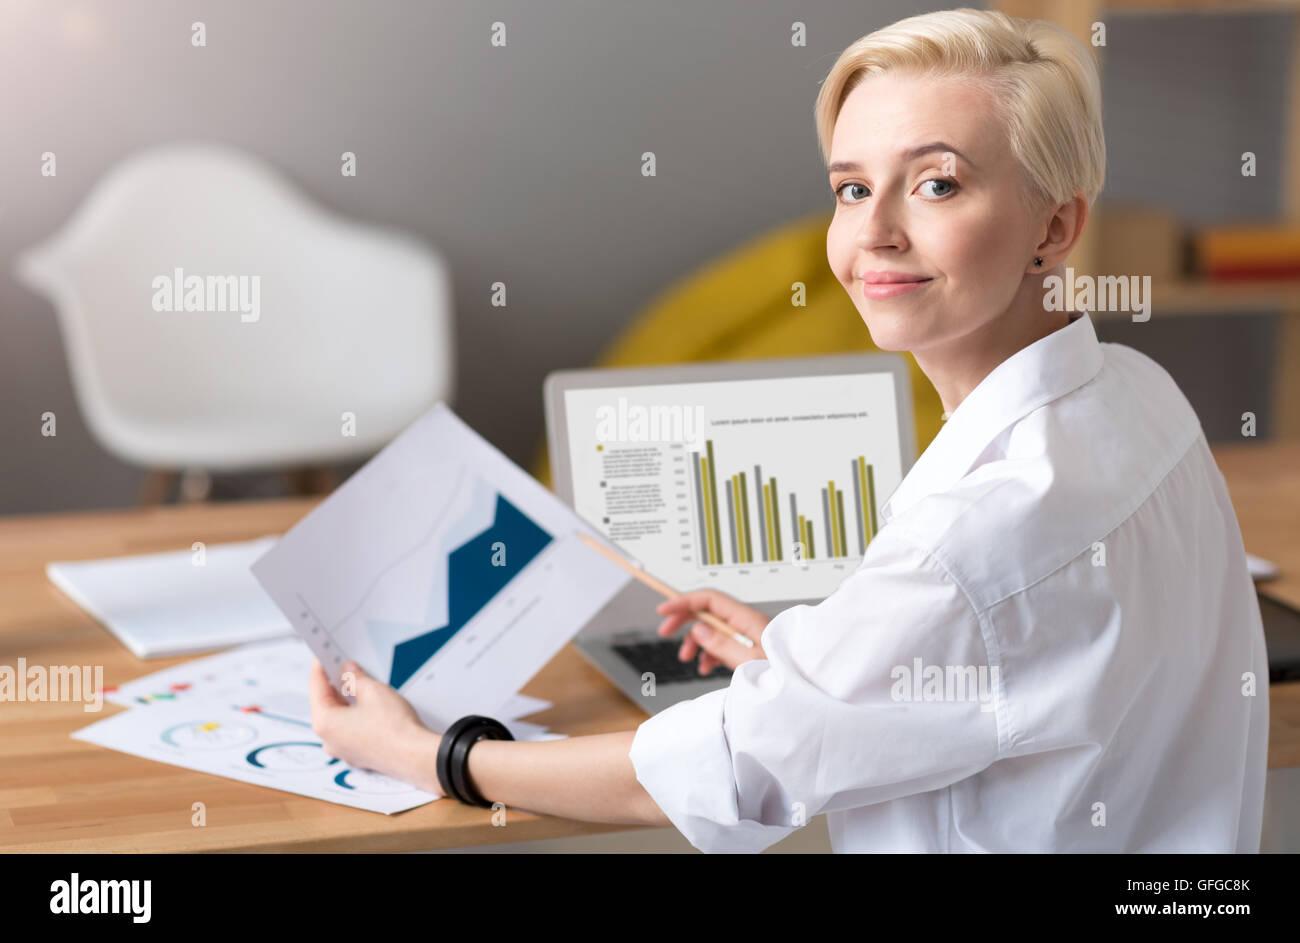 Donna analizzando alcuni schemi sul tavolo Immagini Stock